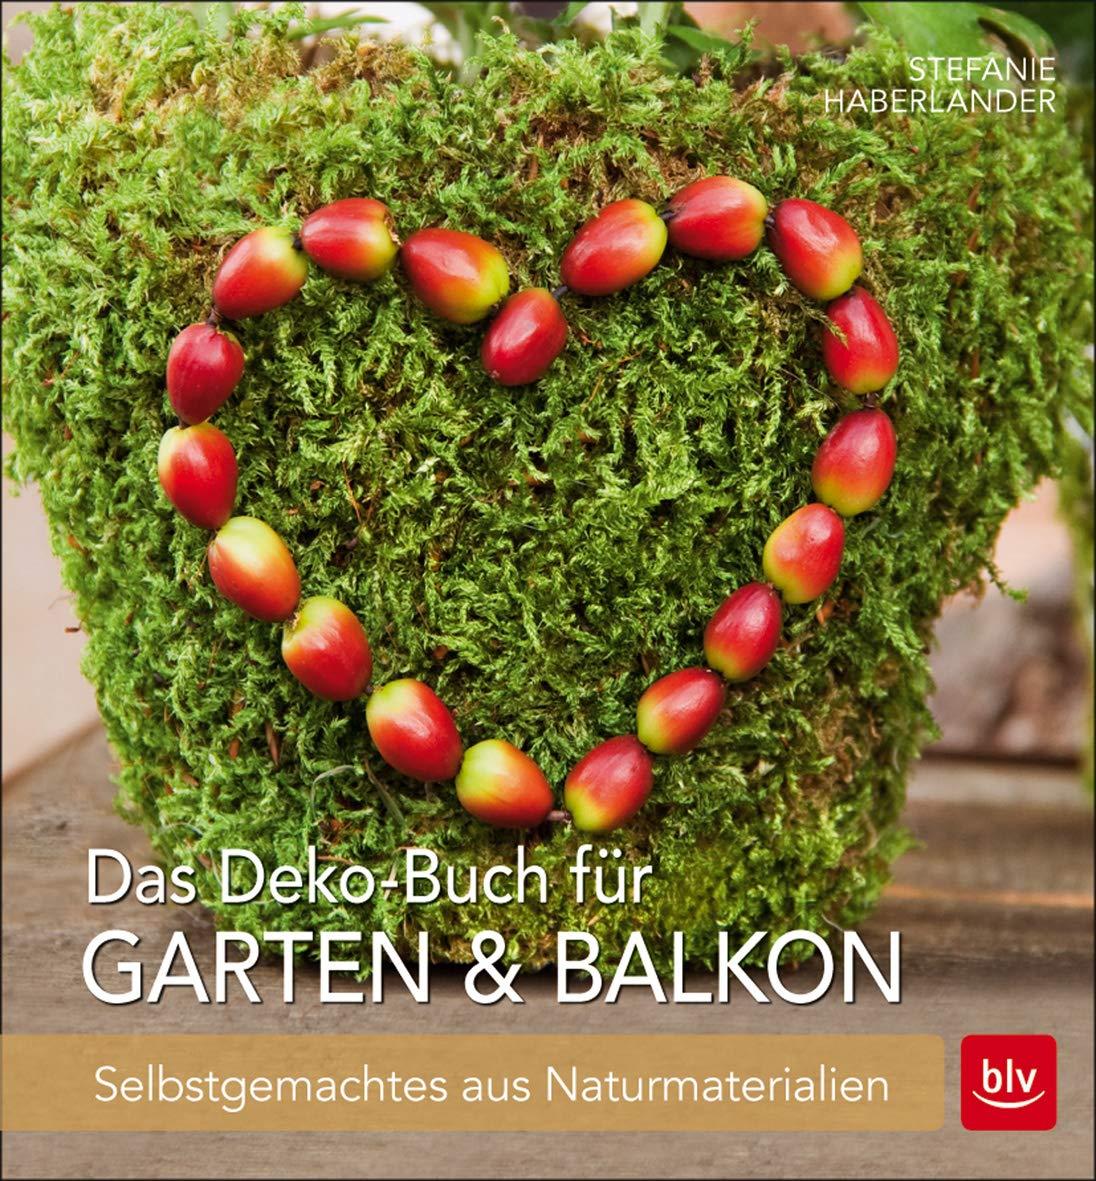 Das Deko-Buch für Garten & Balkon: Selbstgemachtes aus Naturmaterialien